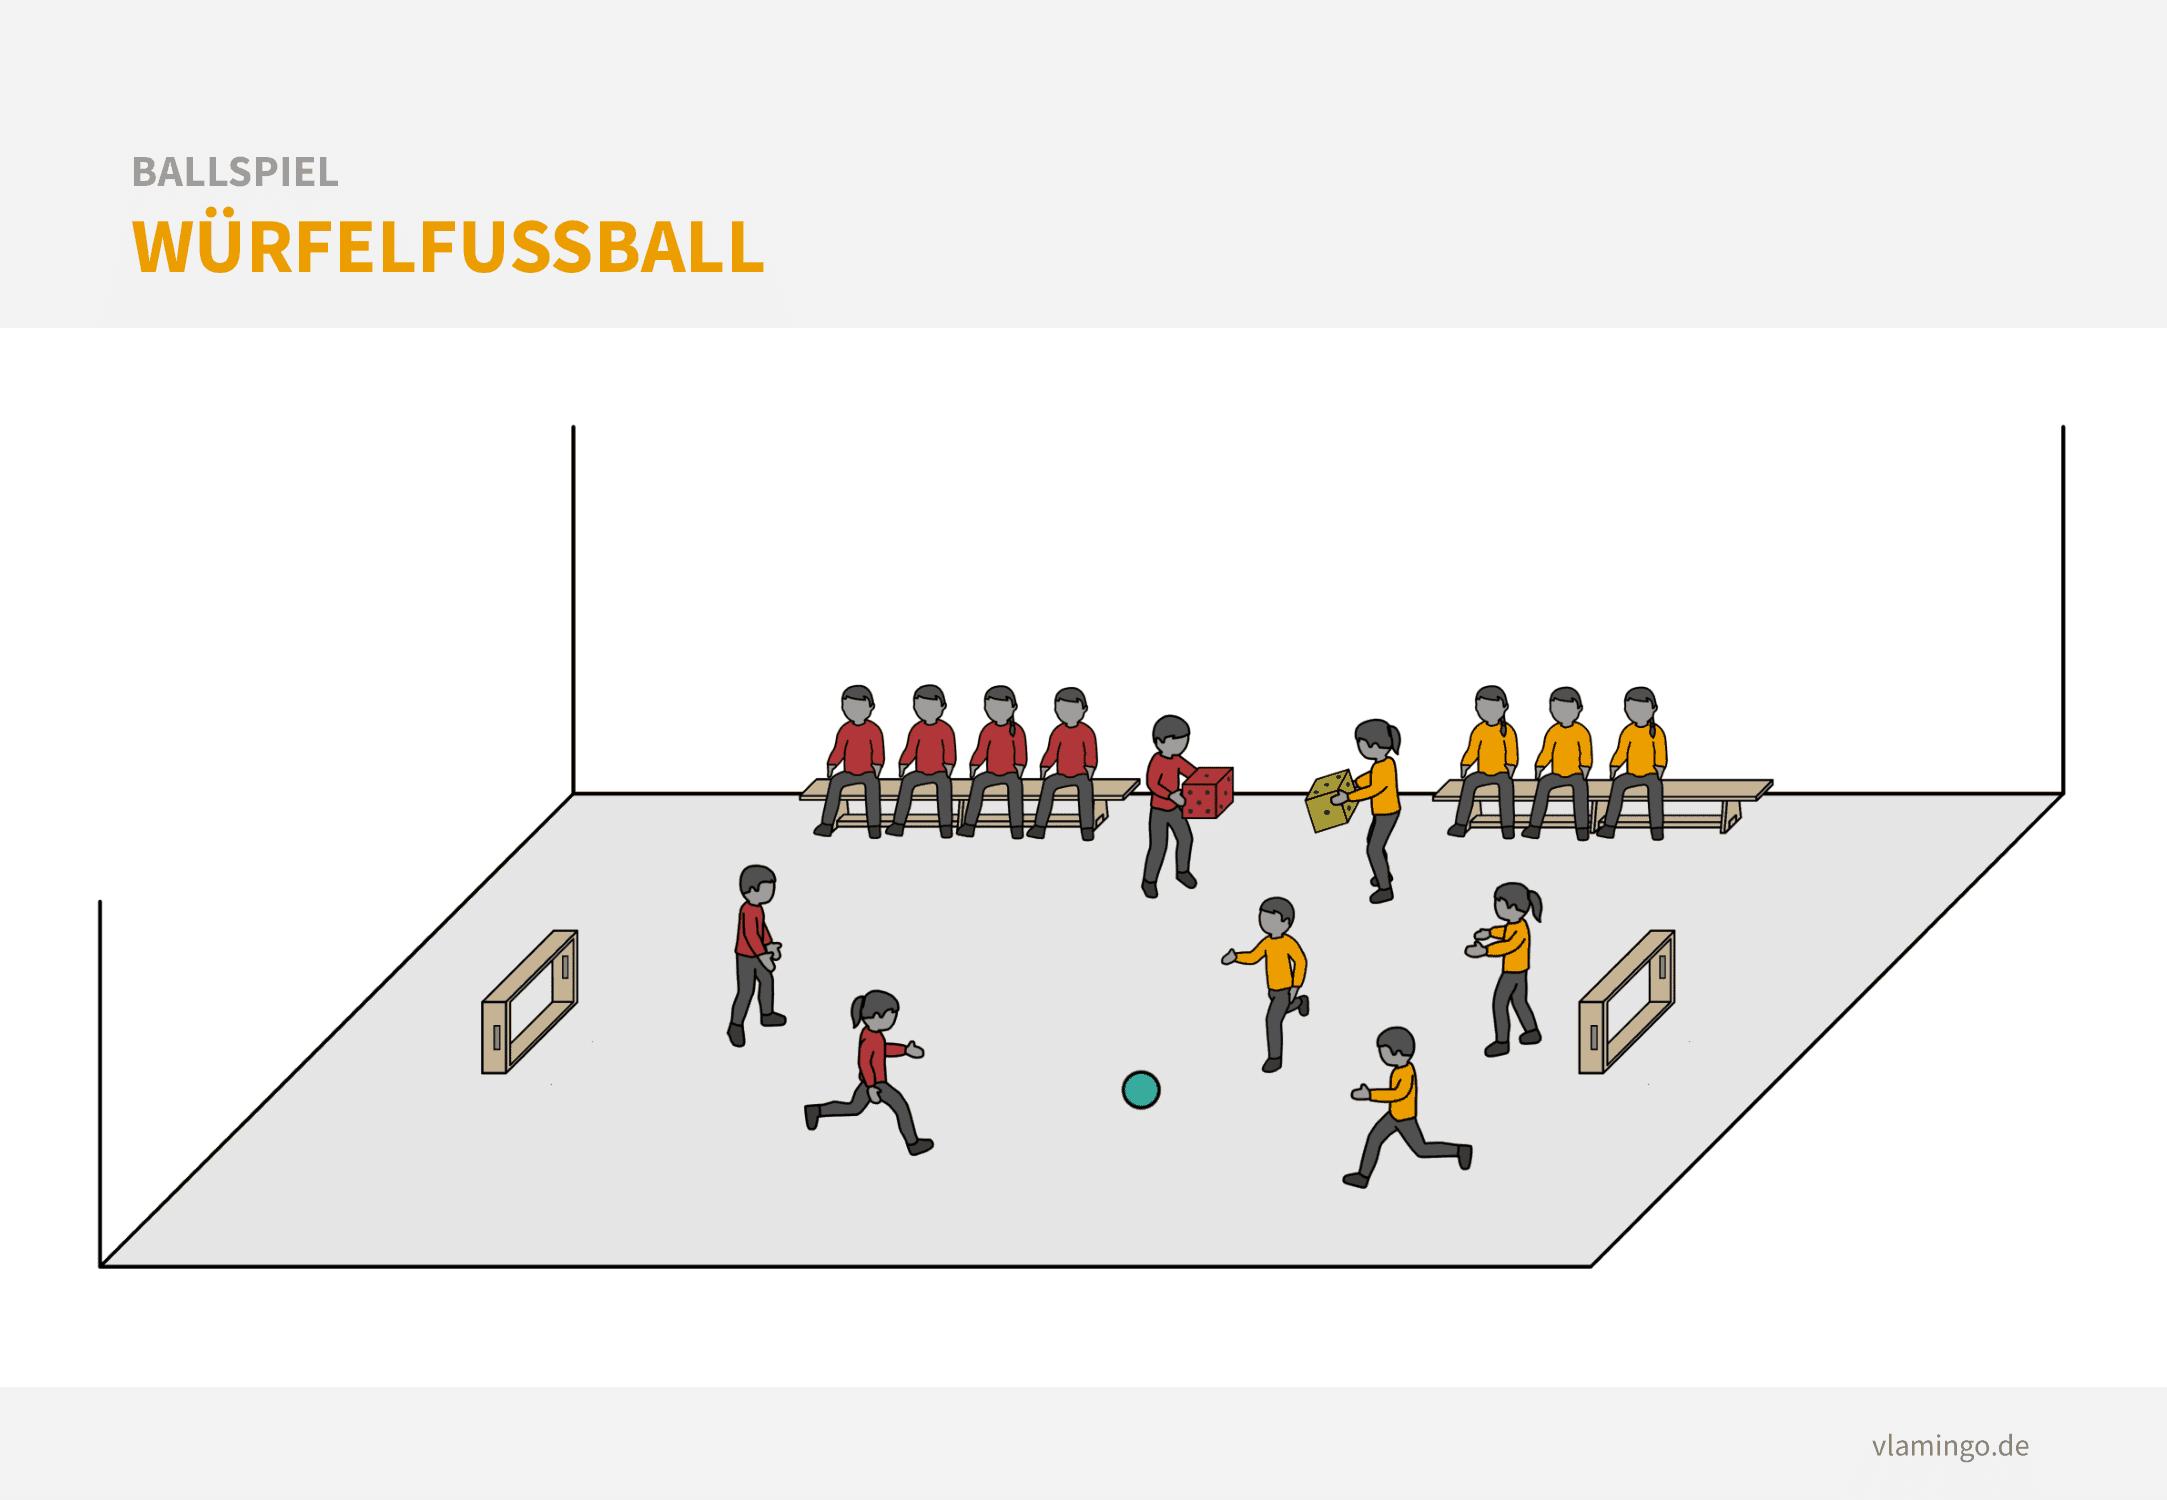 Ballspiel: Würfelfußball